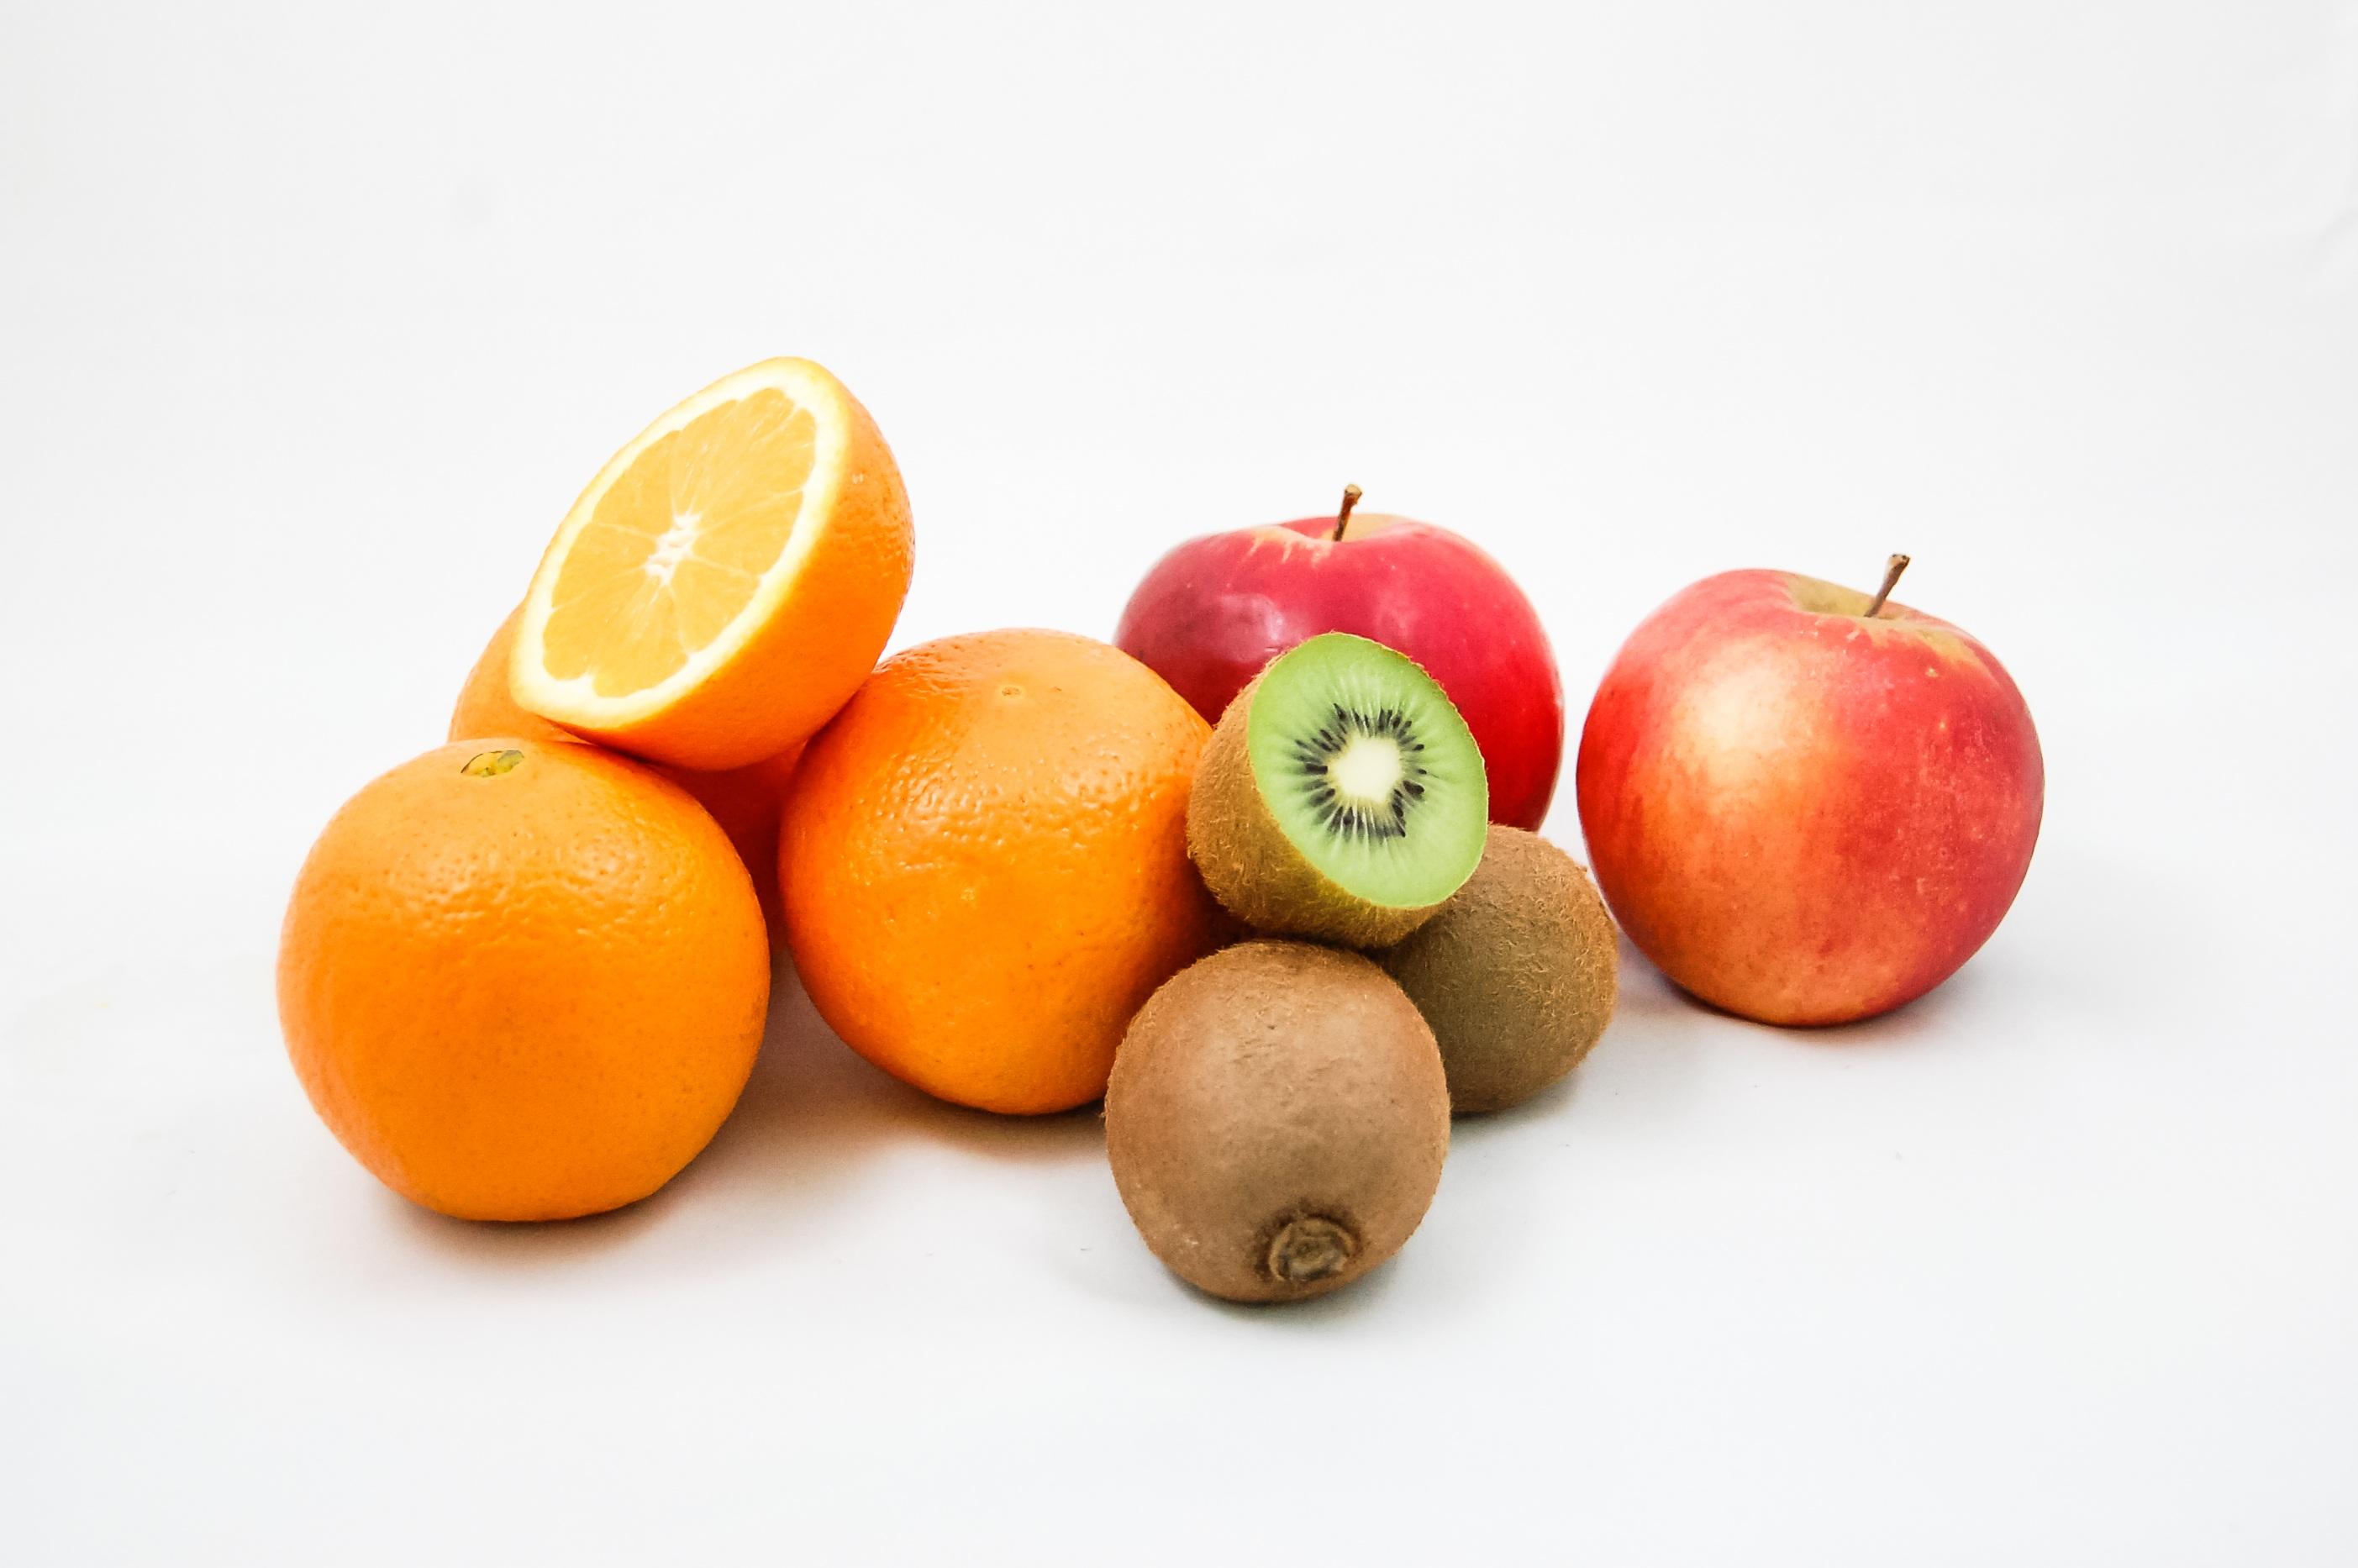 Vad består e-juice av? Frukter för att illustrera smak